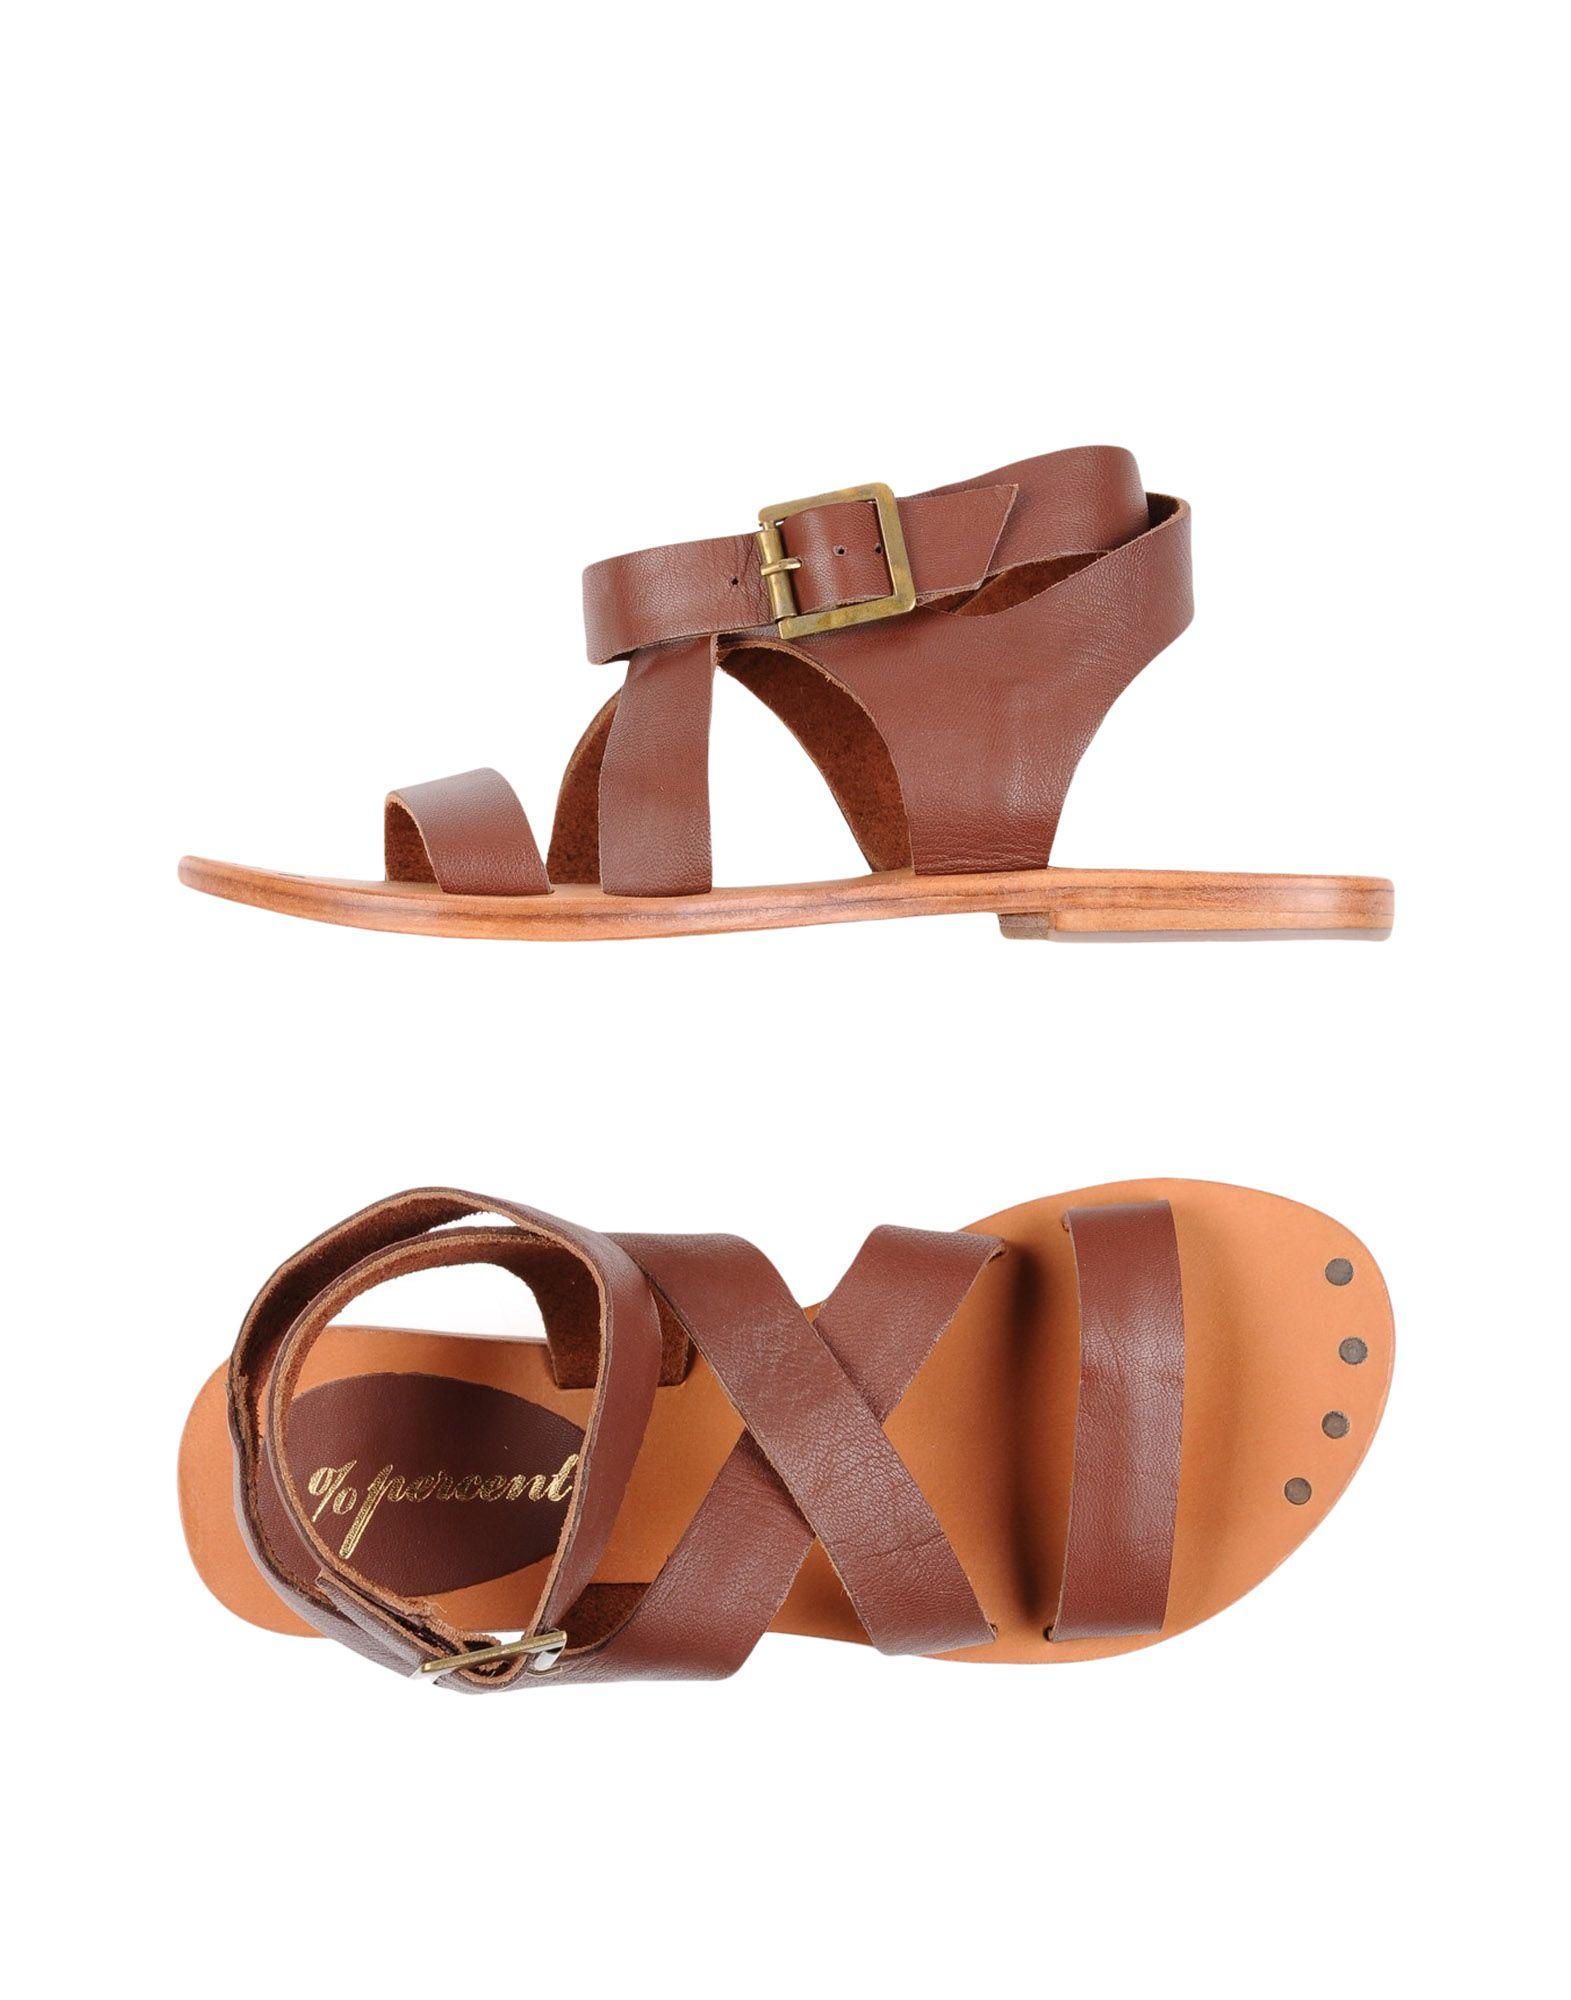 PERCENT %Percent Sandals in Cocoa